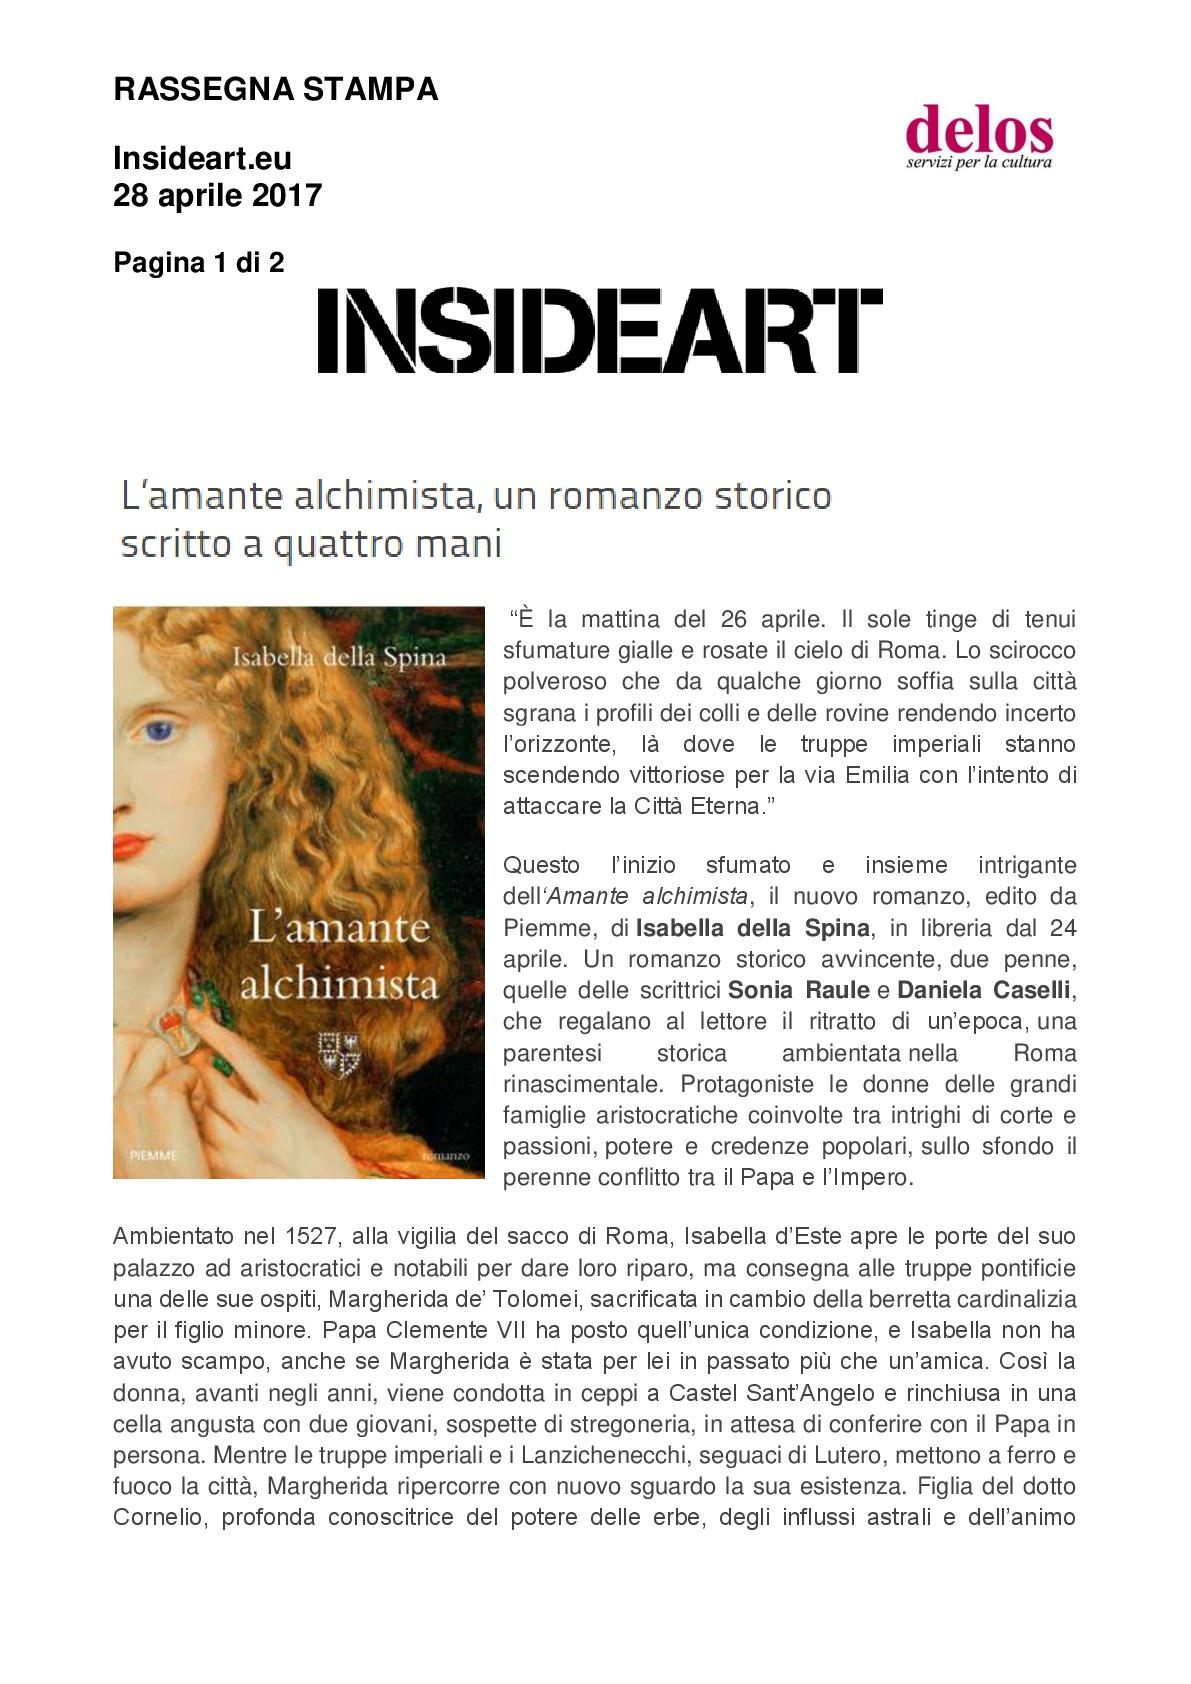 Insideart.eu 28-04-2017 001